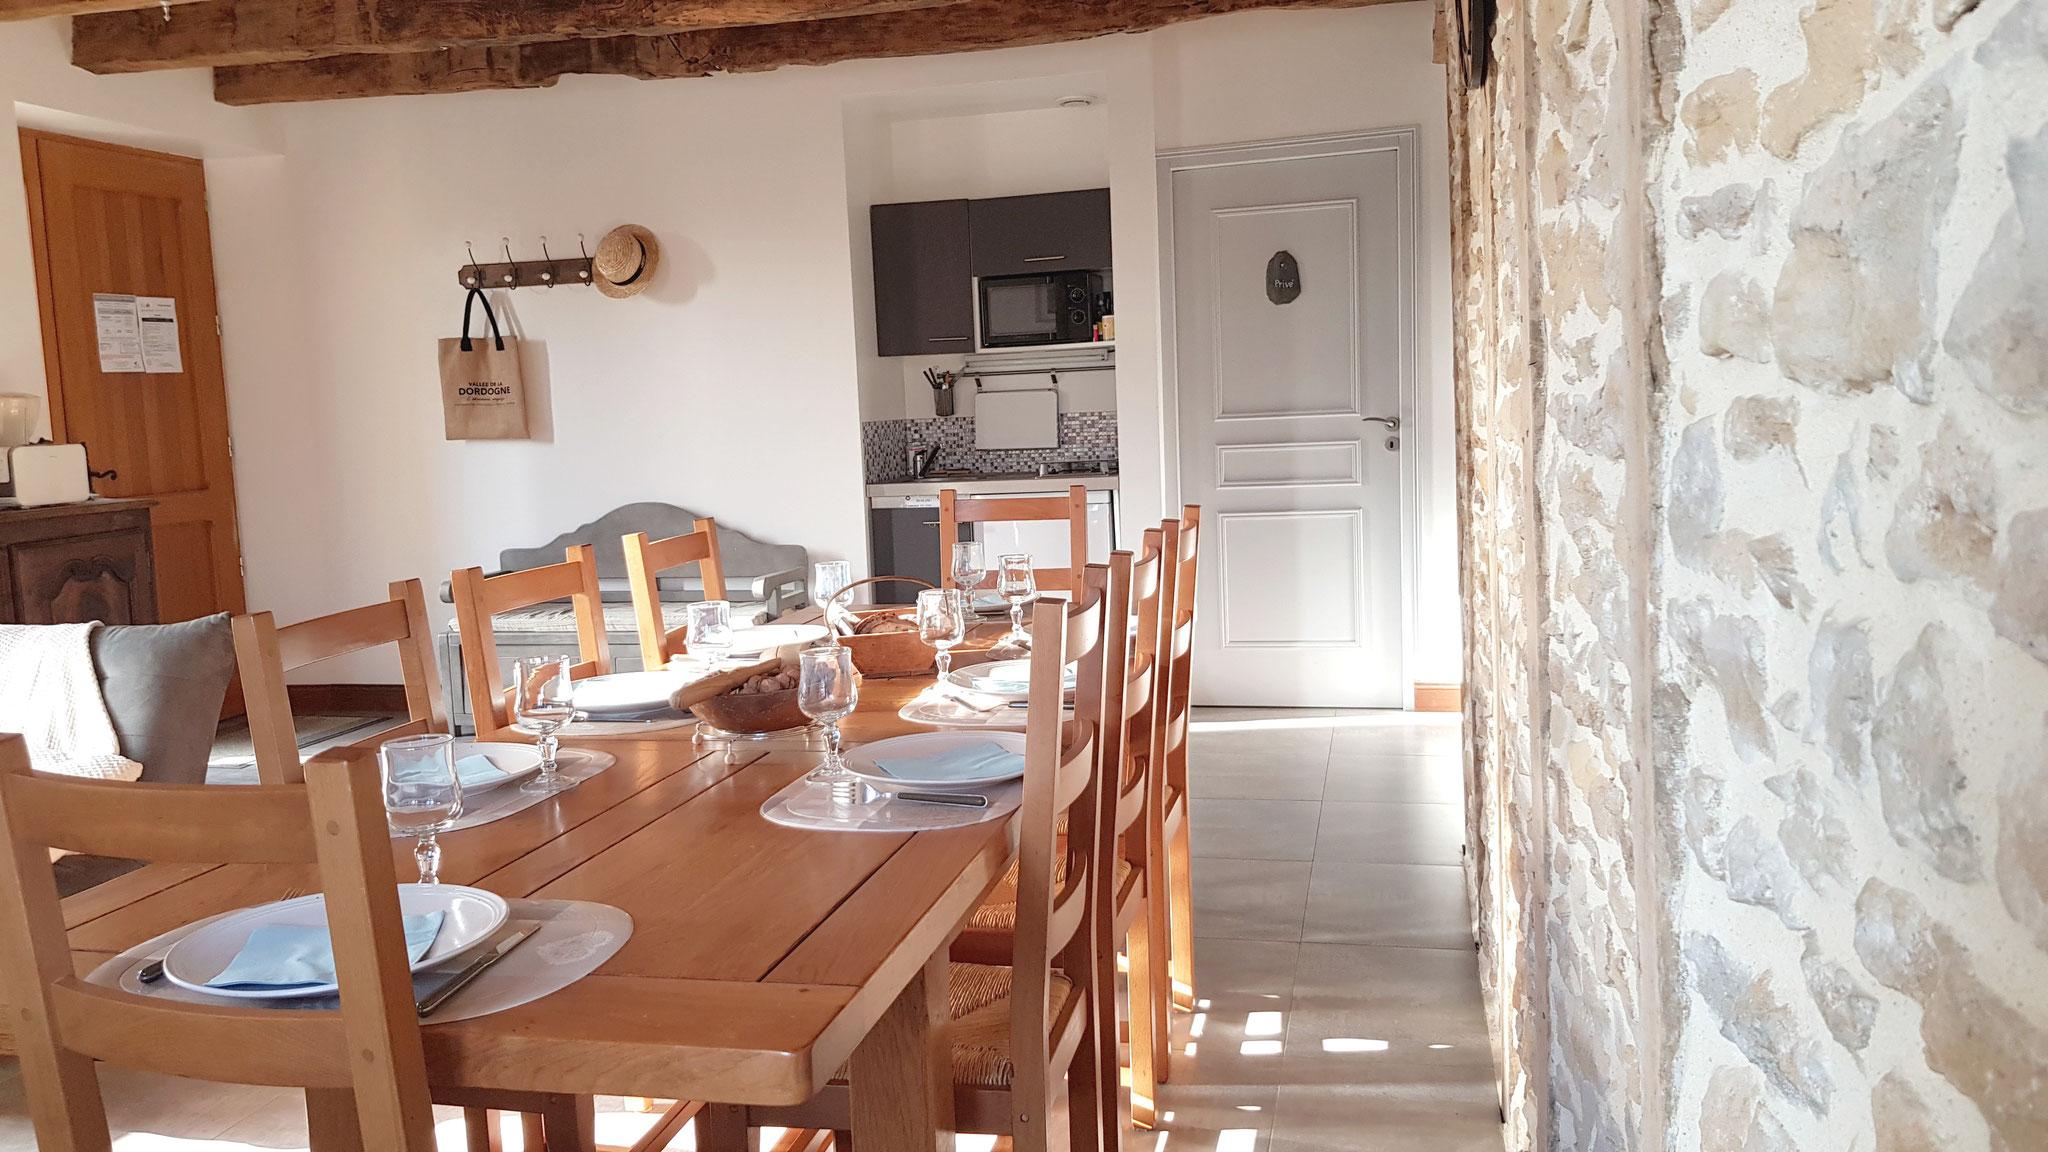 Salle à manger Cuvier de Saint Martin, gîte 10 personnes dans la Vallée de la Dordogne